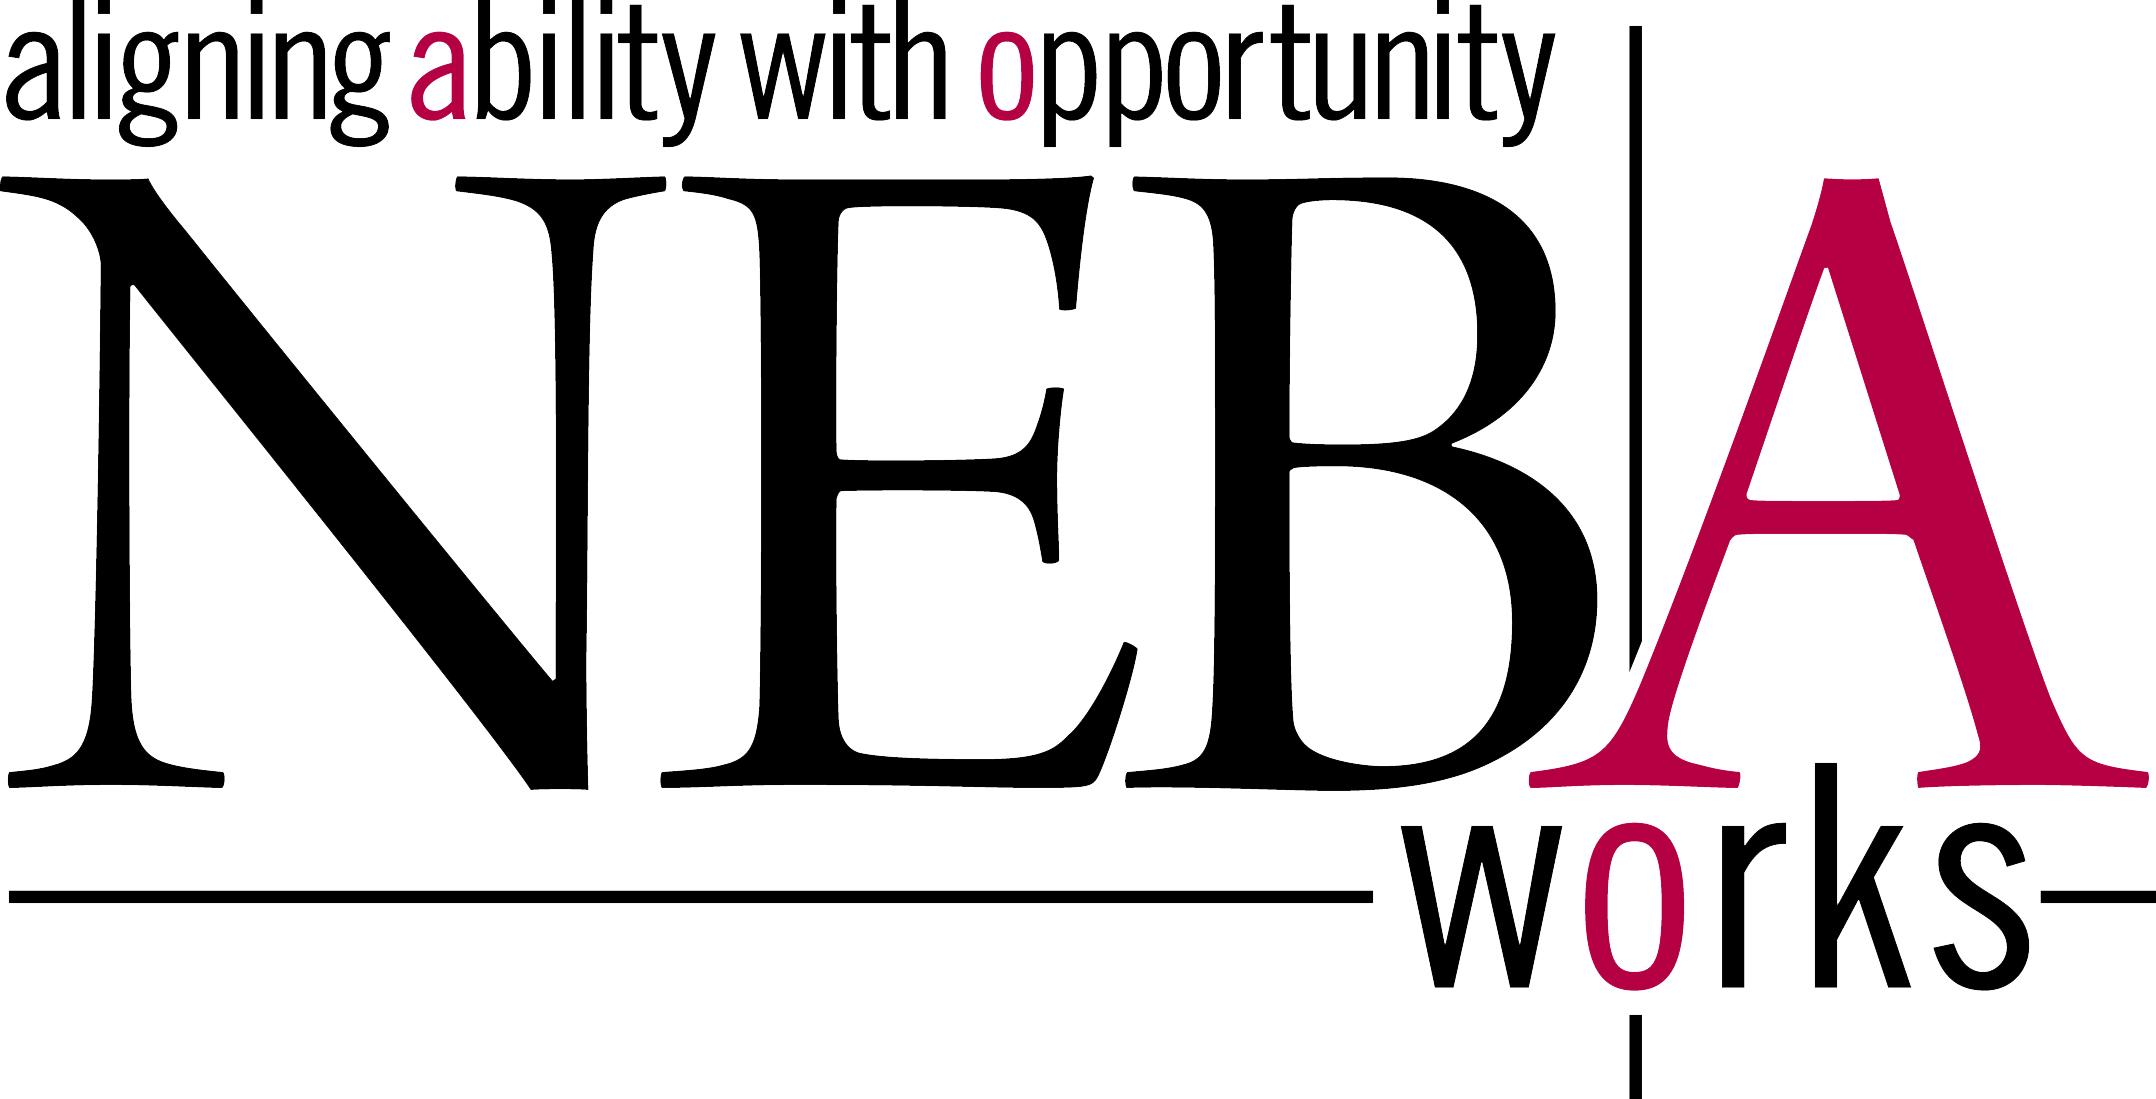 NEBA Logo